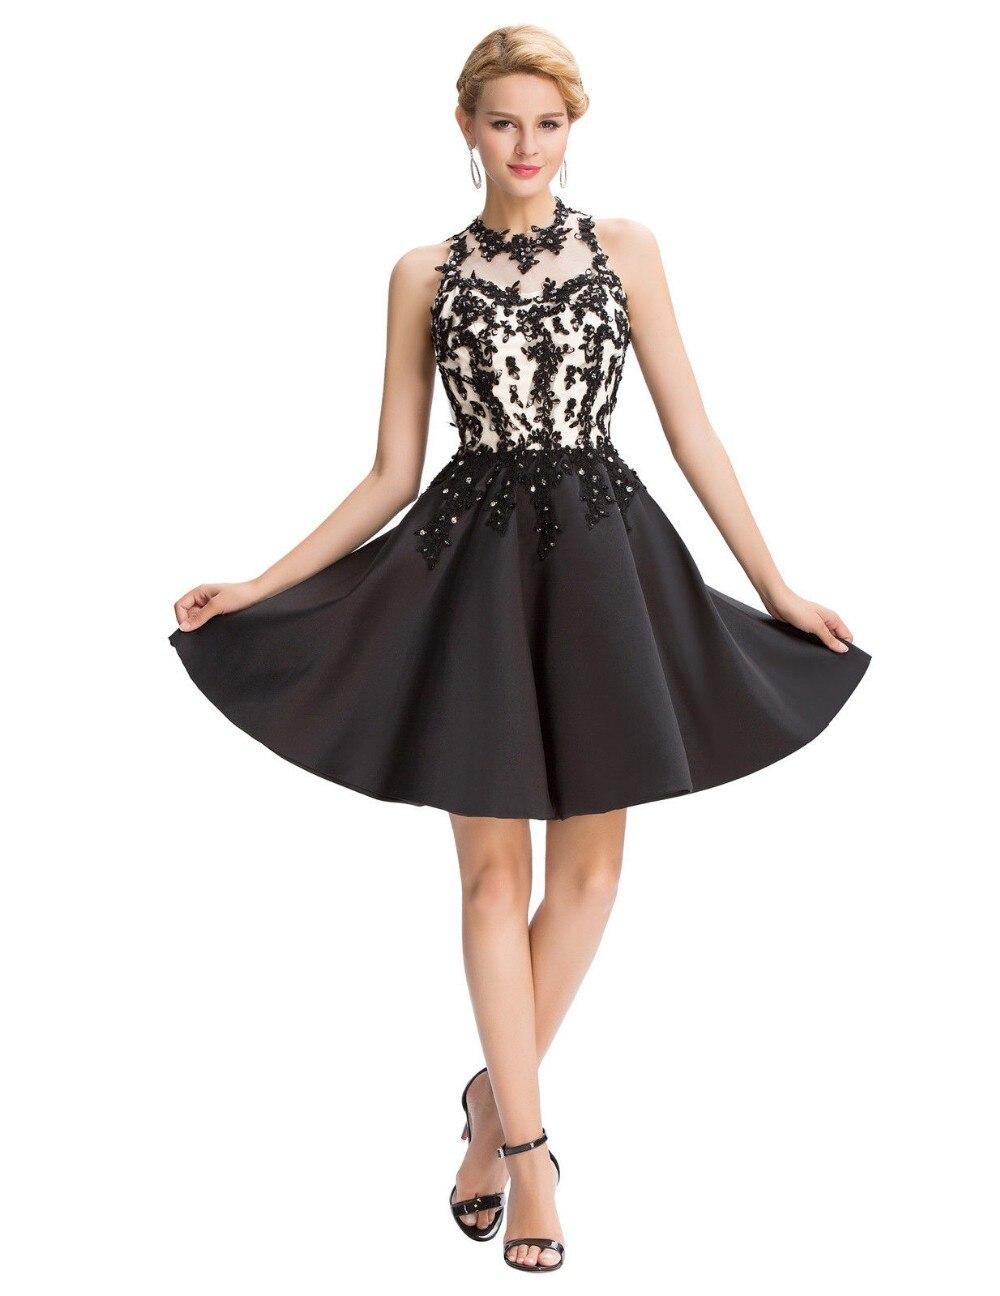 prinzessin mädchen schwarz kurz brautkleider 2017 ballkleid besondere  anlässe kleid hochzeit schnelle lieferung abendkleider